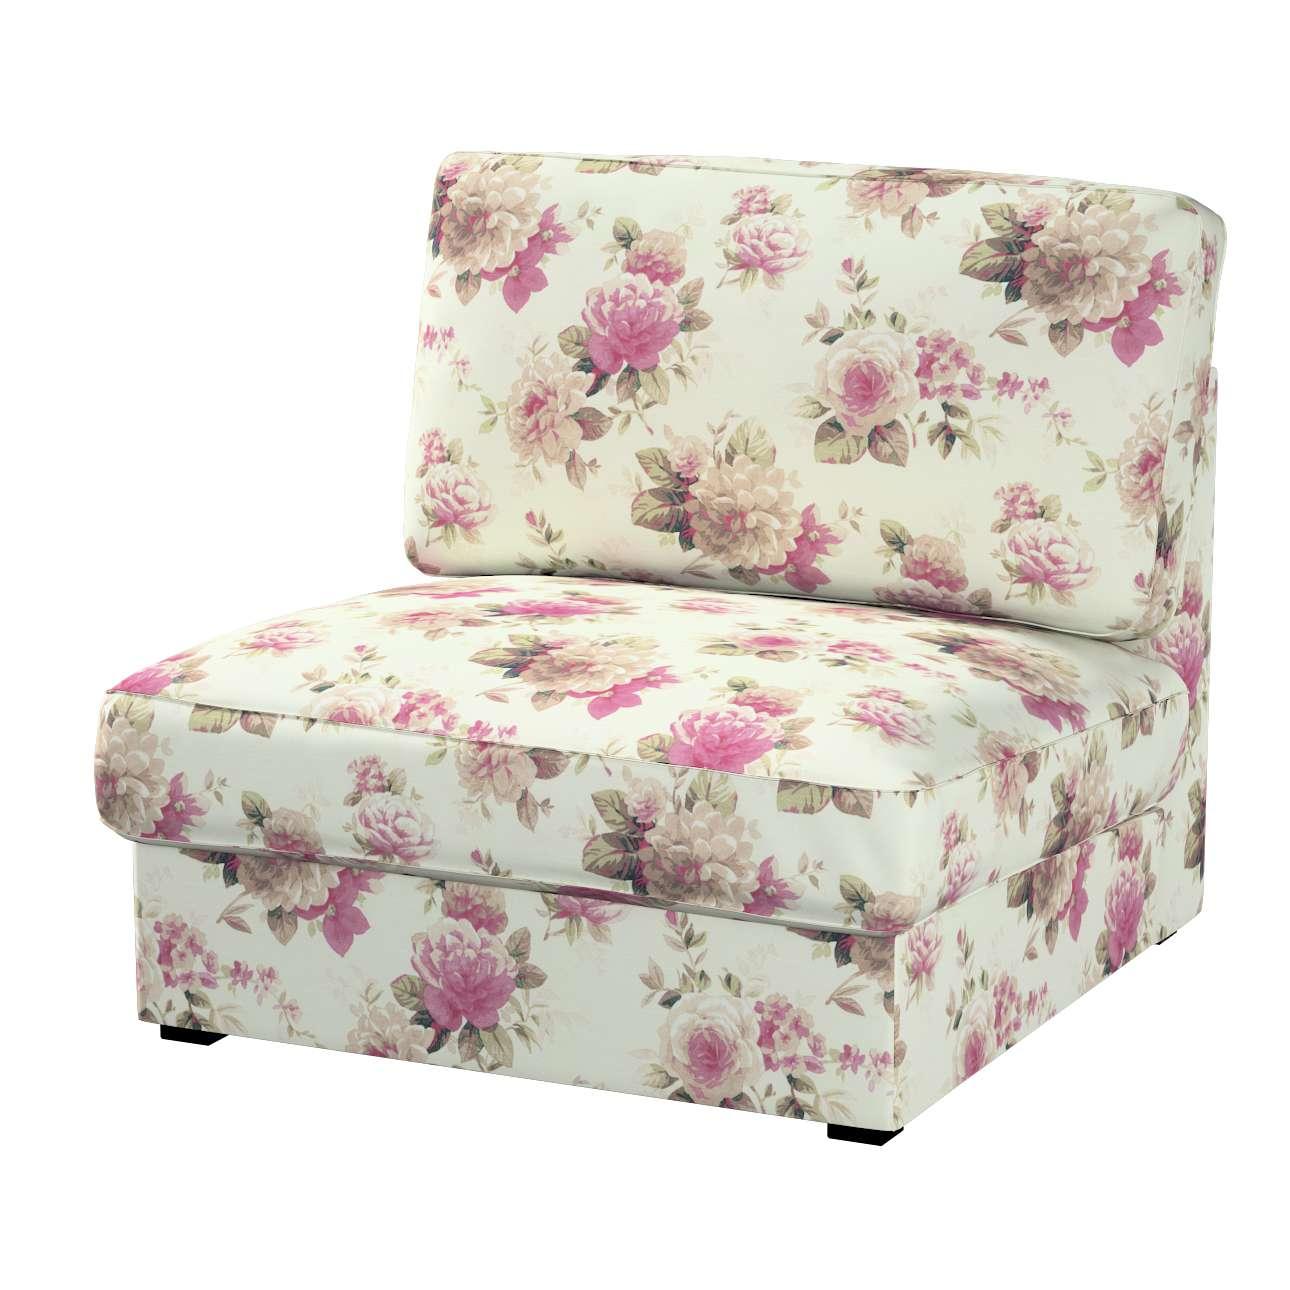 KIVIK fotelio/vienvietės dalies užvalkalas Kivik armchair kolekcijoje Mirella, audinys: 141-07